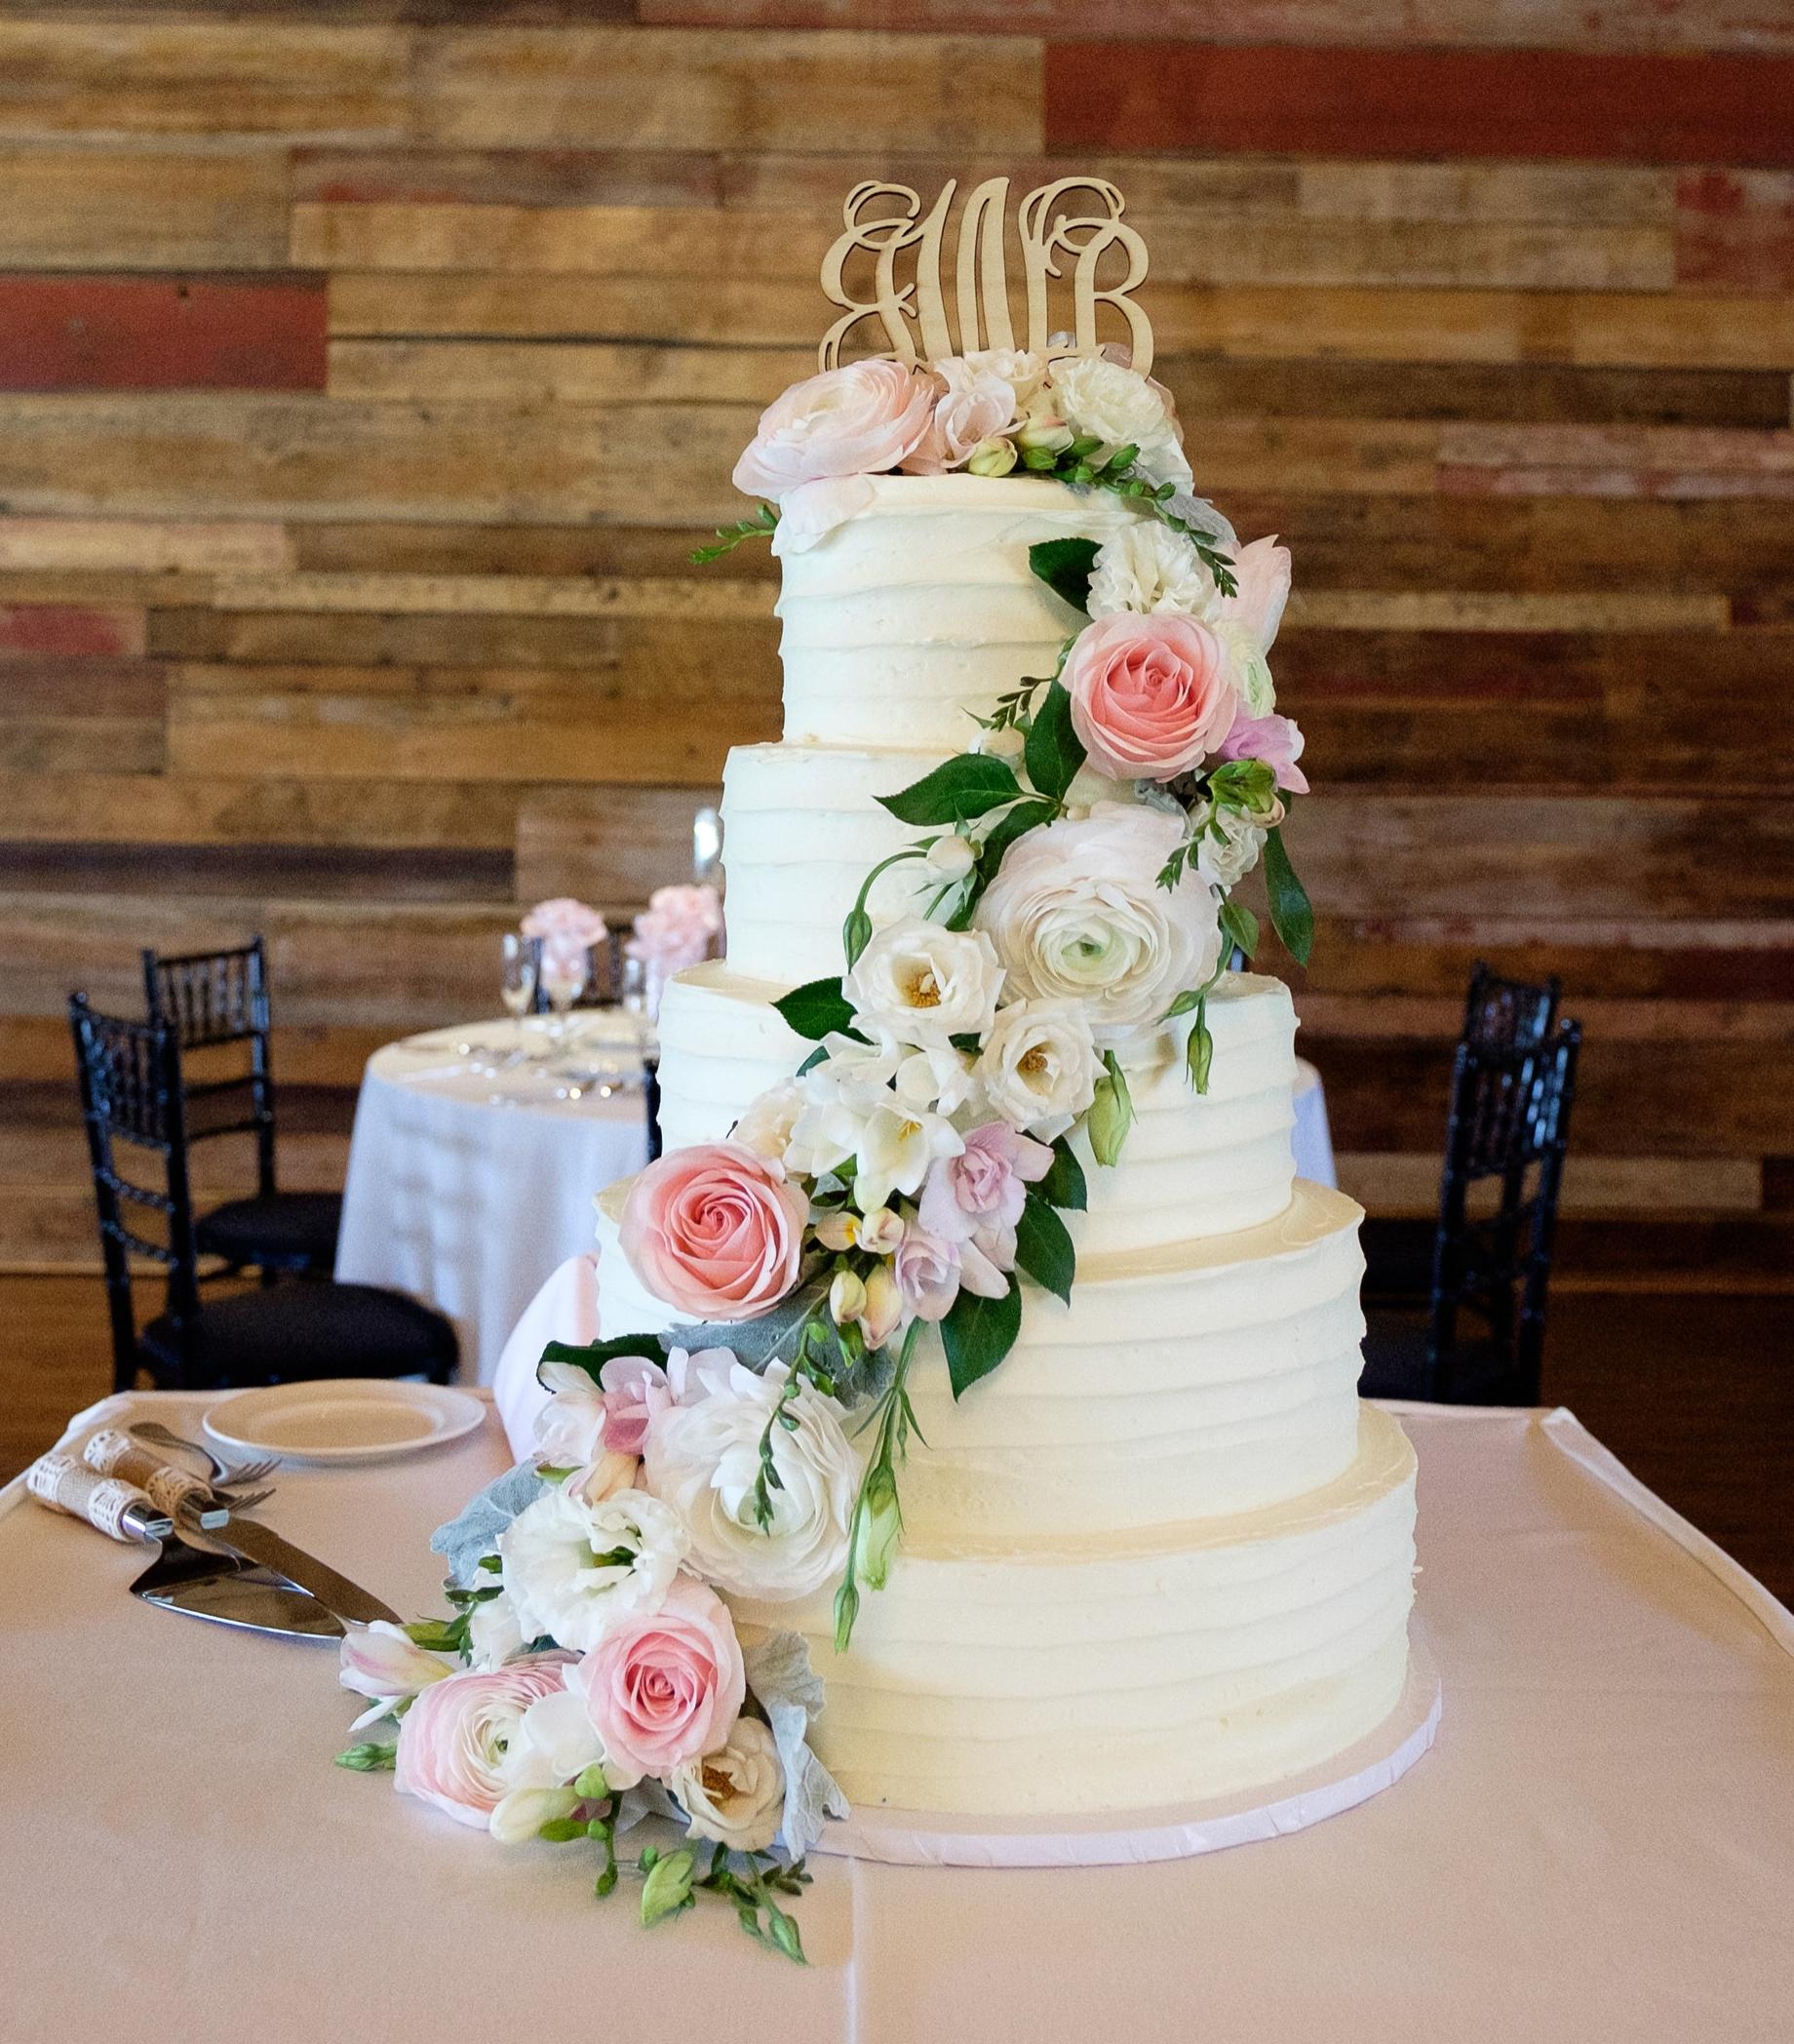 Kari Cake